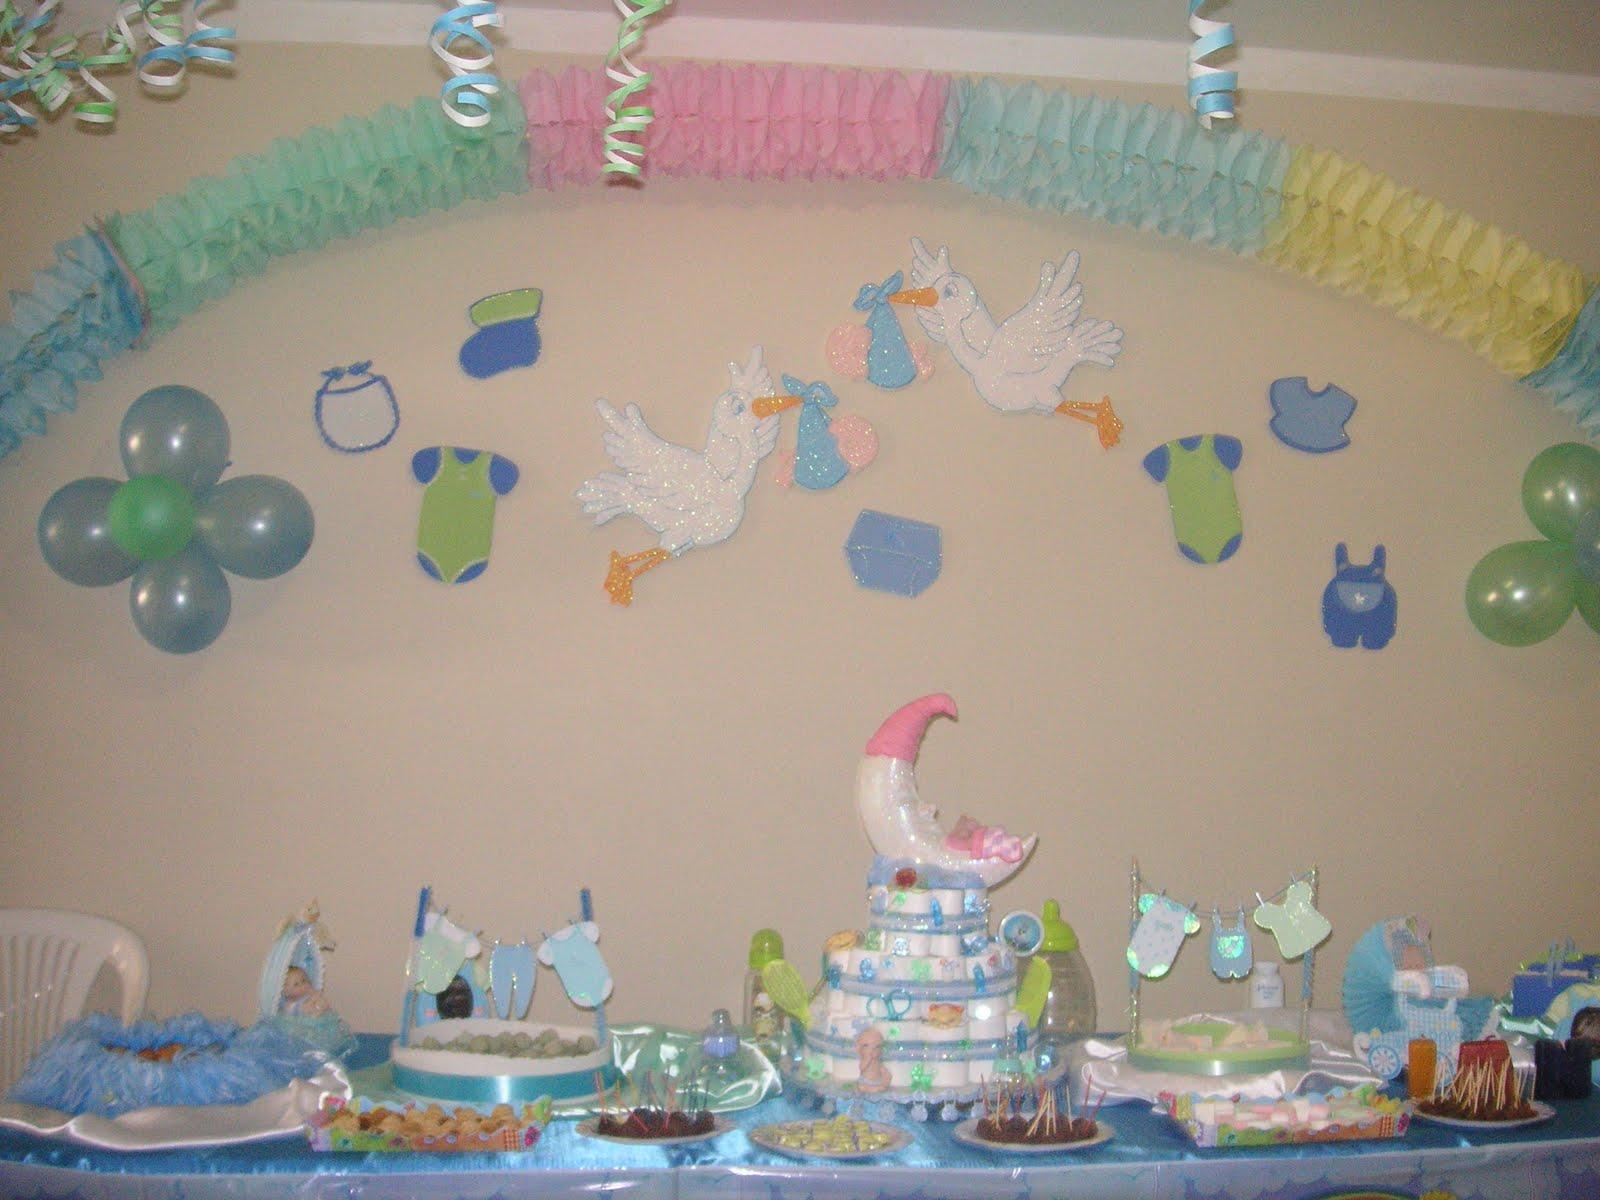 Adornos caseros para baby shower imagui - Adornos para pared ...